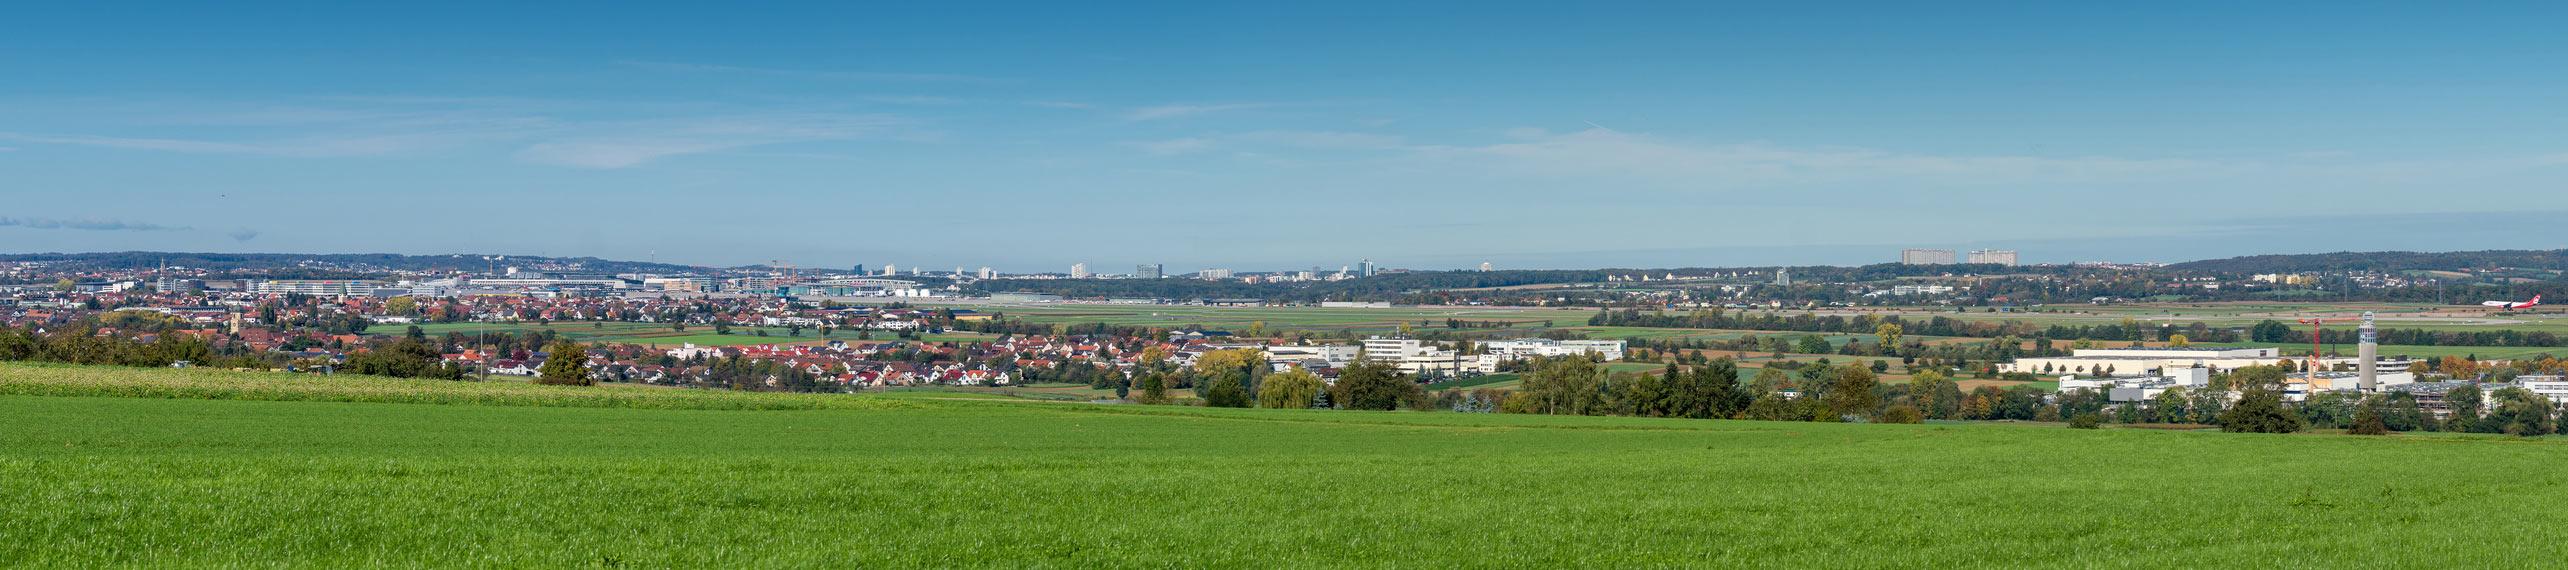 bernhausen-aktiv-filderstadt